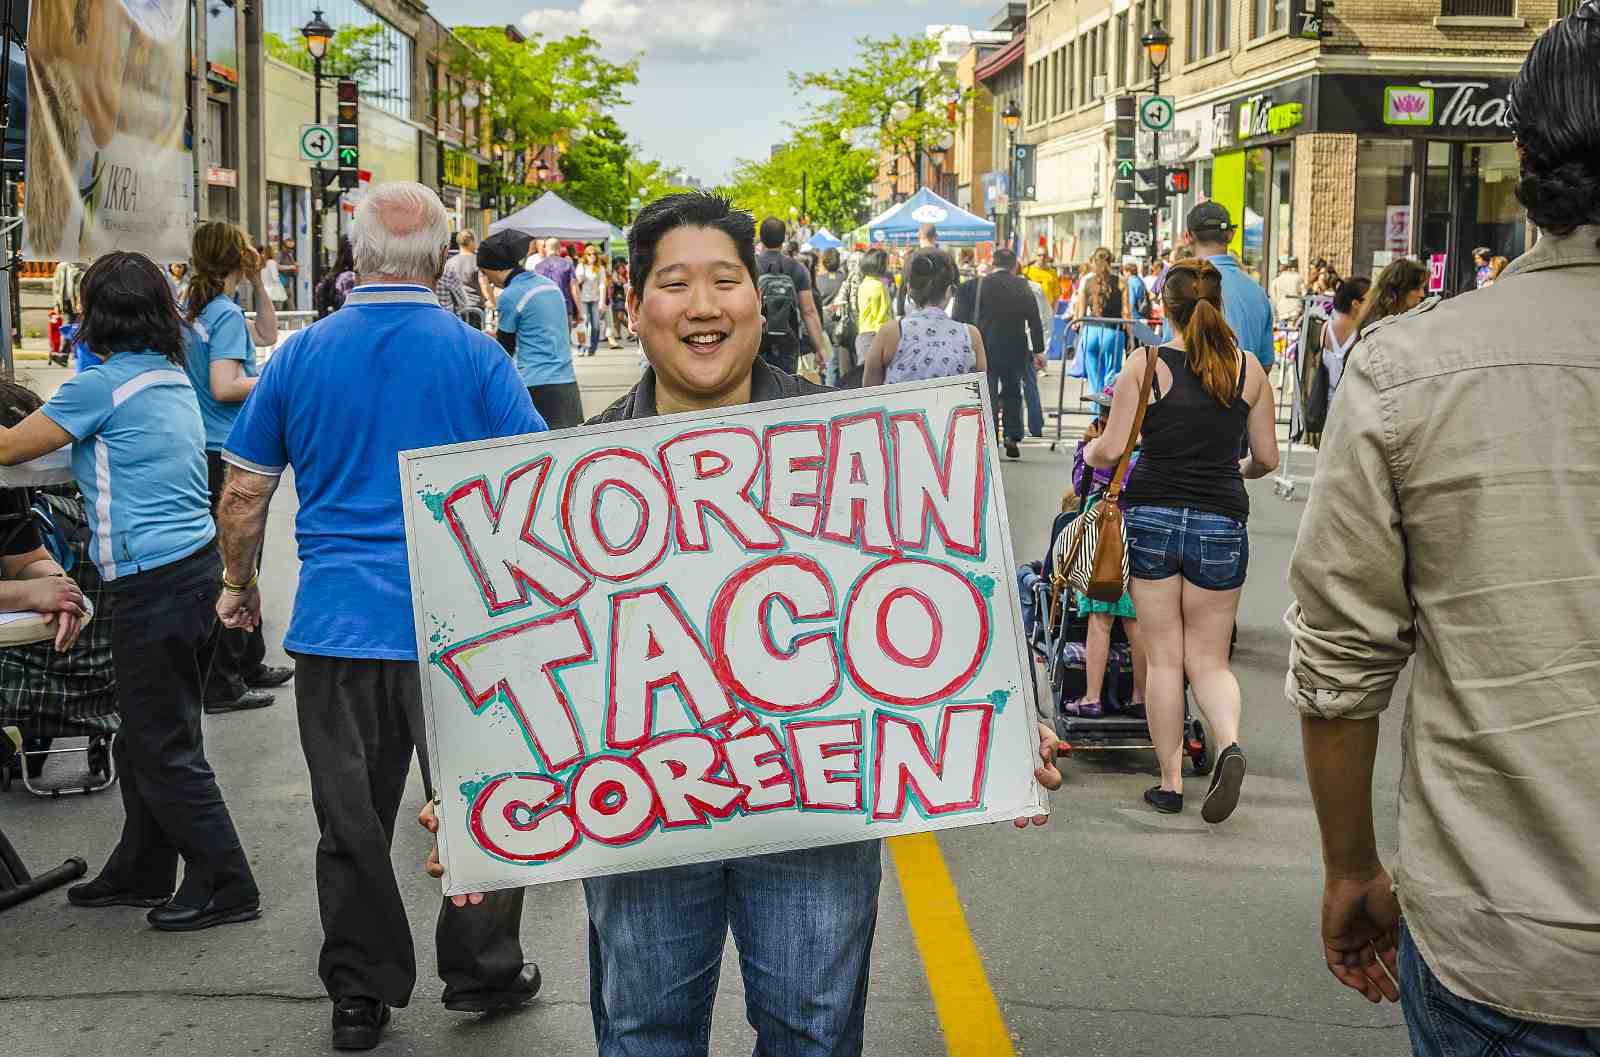 Montreal summer sidewalk sale vendor holding sign for Korean tacos